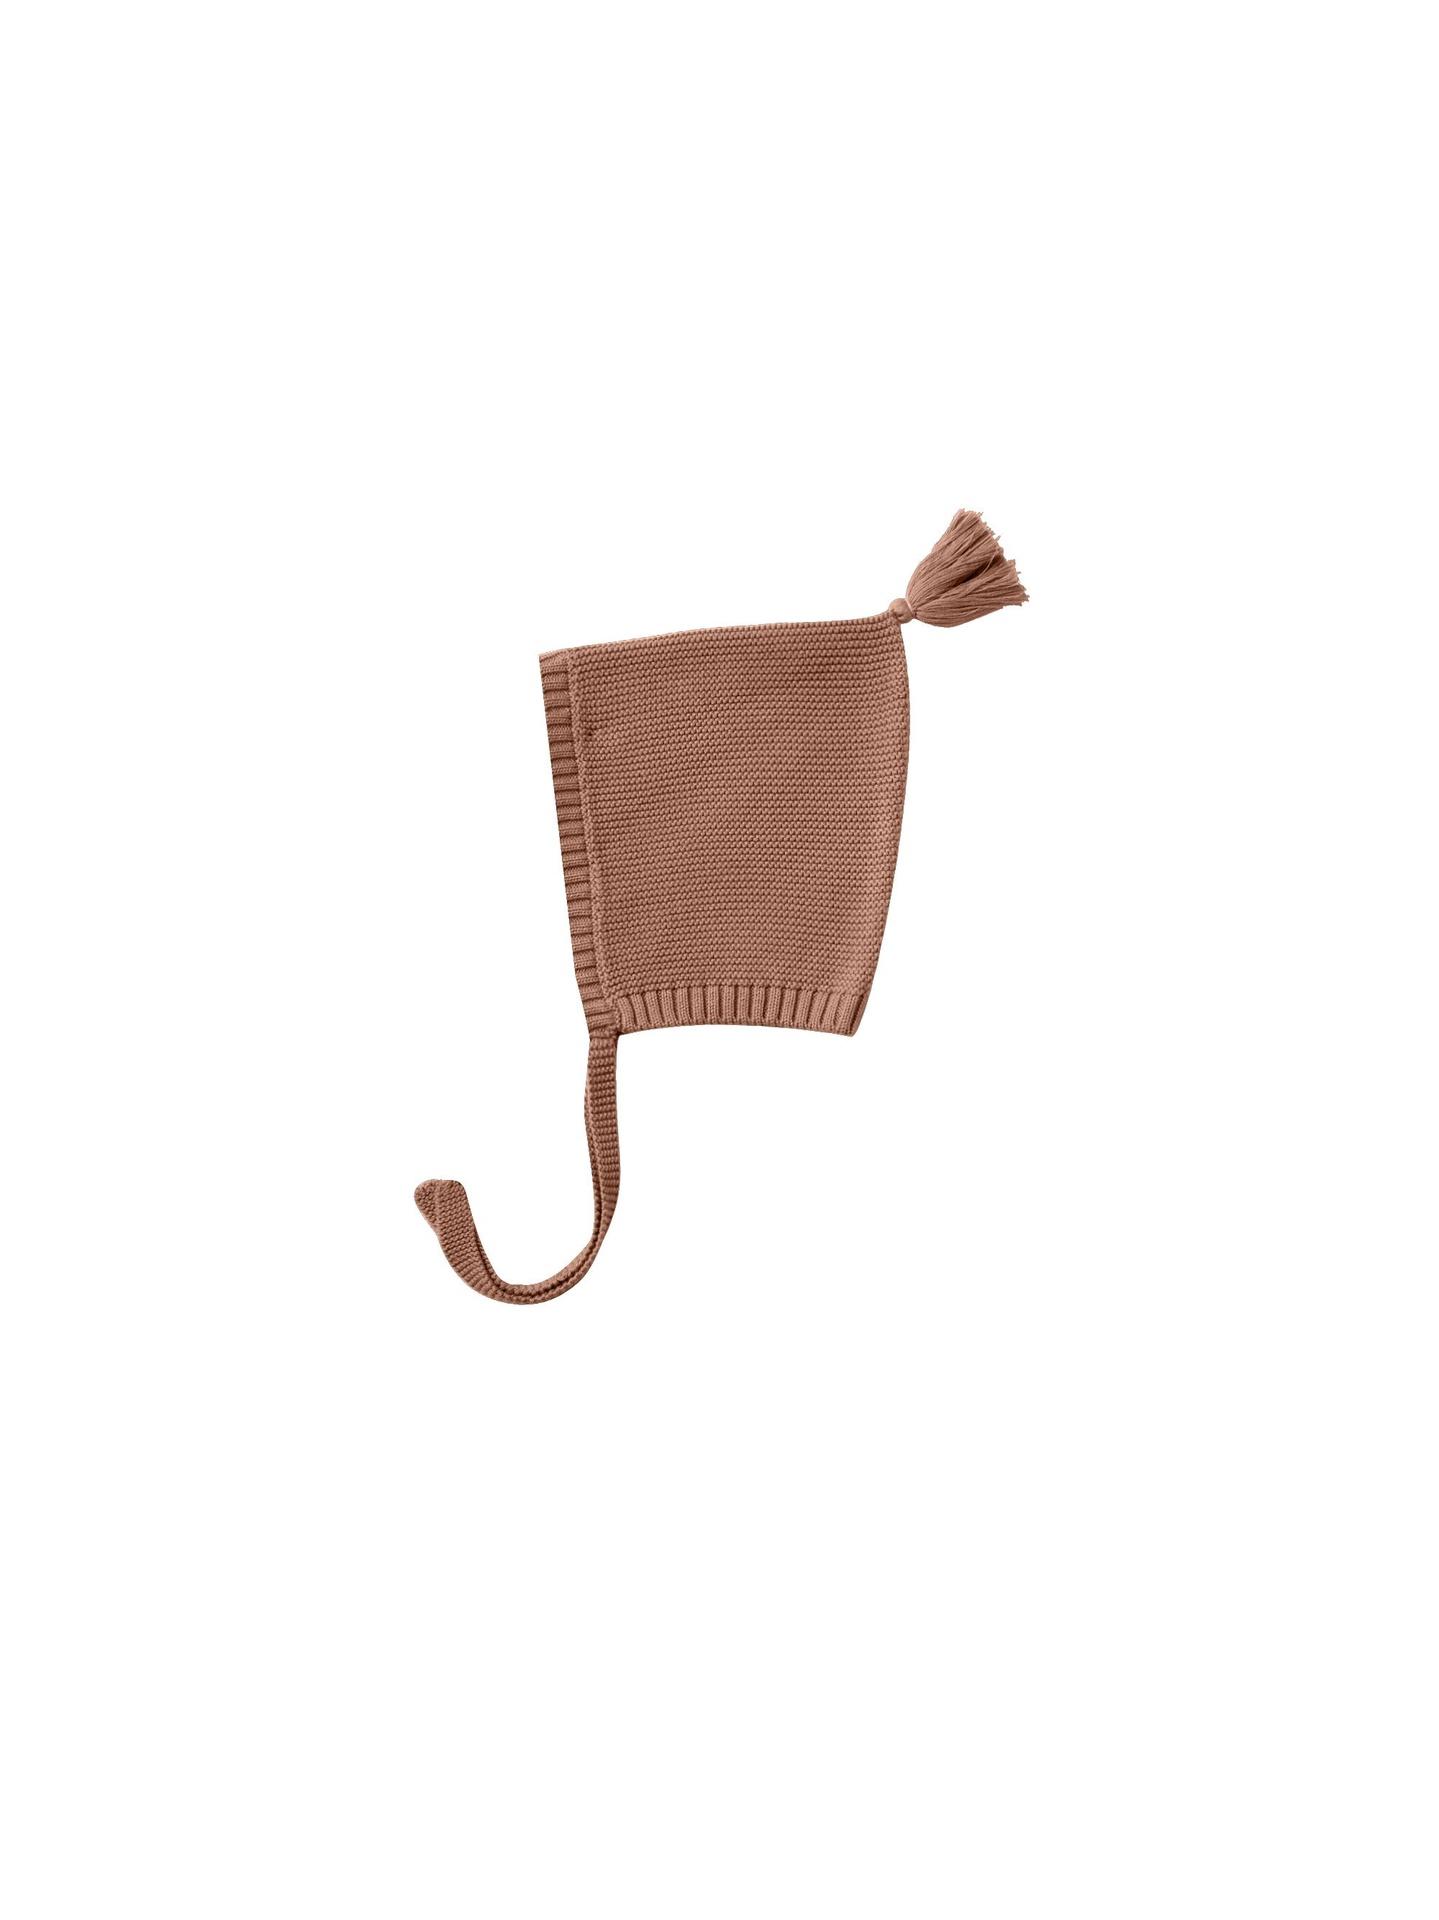 Quincy Mae Knit Pixie Bonnet